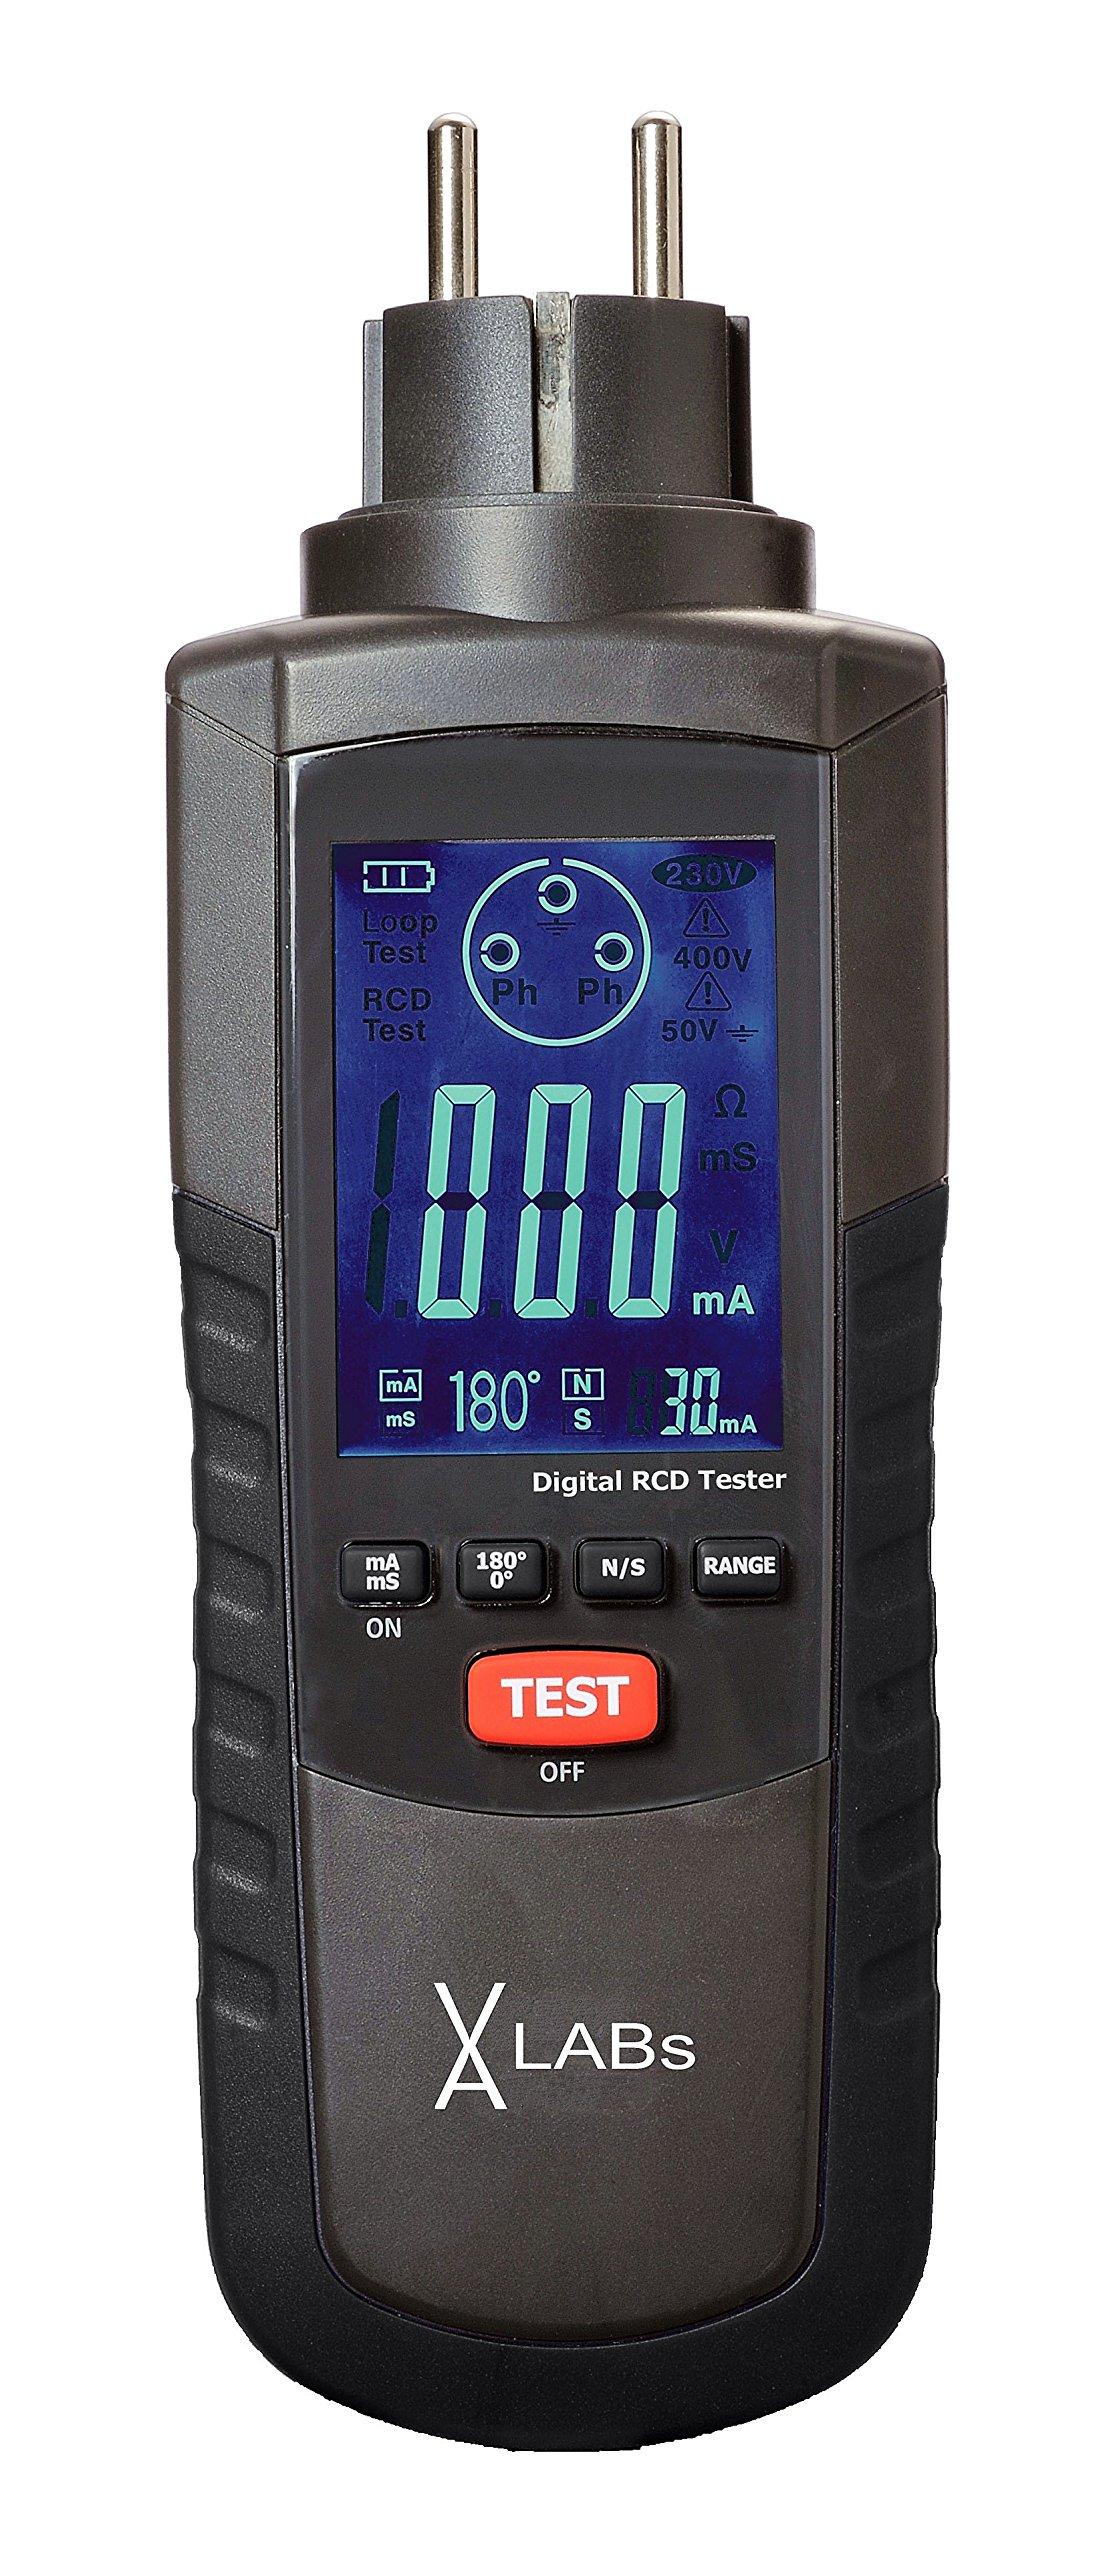 VA-LABs RCD-Tester, FI-Tester, Steckdosentester, zur schnellen Prüfung von FI-Schaltern, Prüfströme wählbar product image